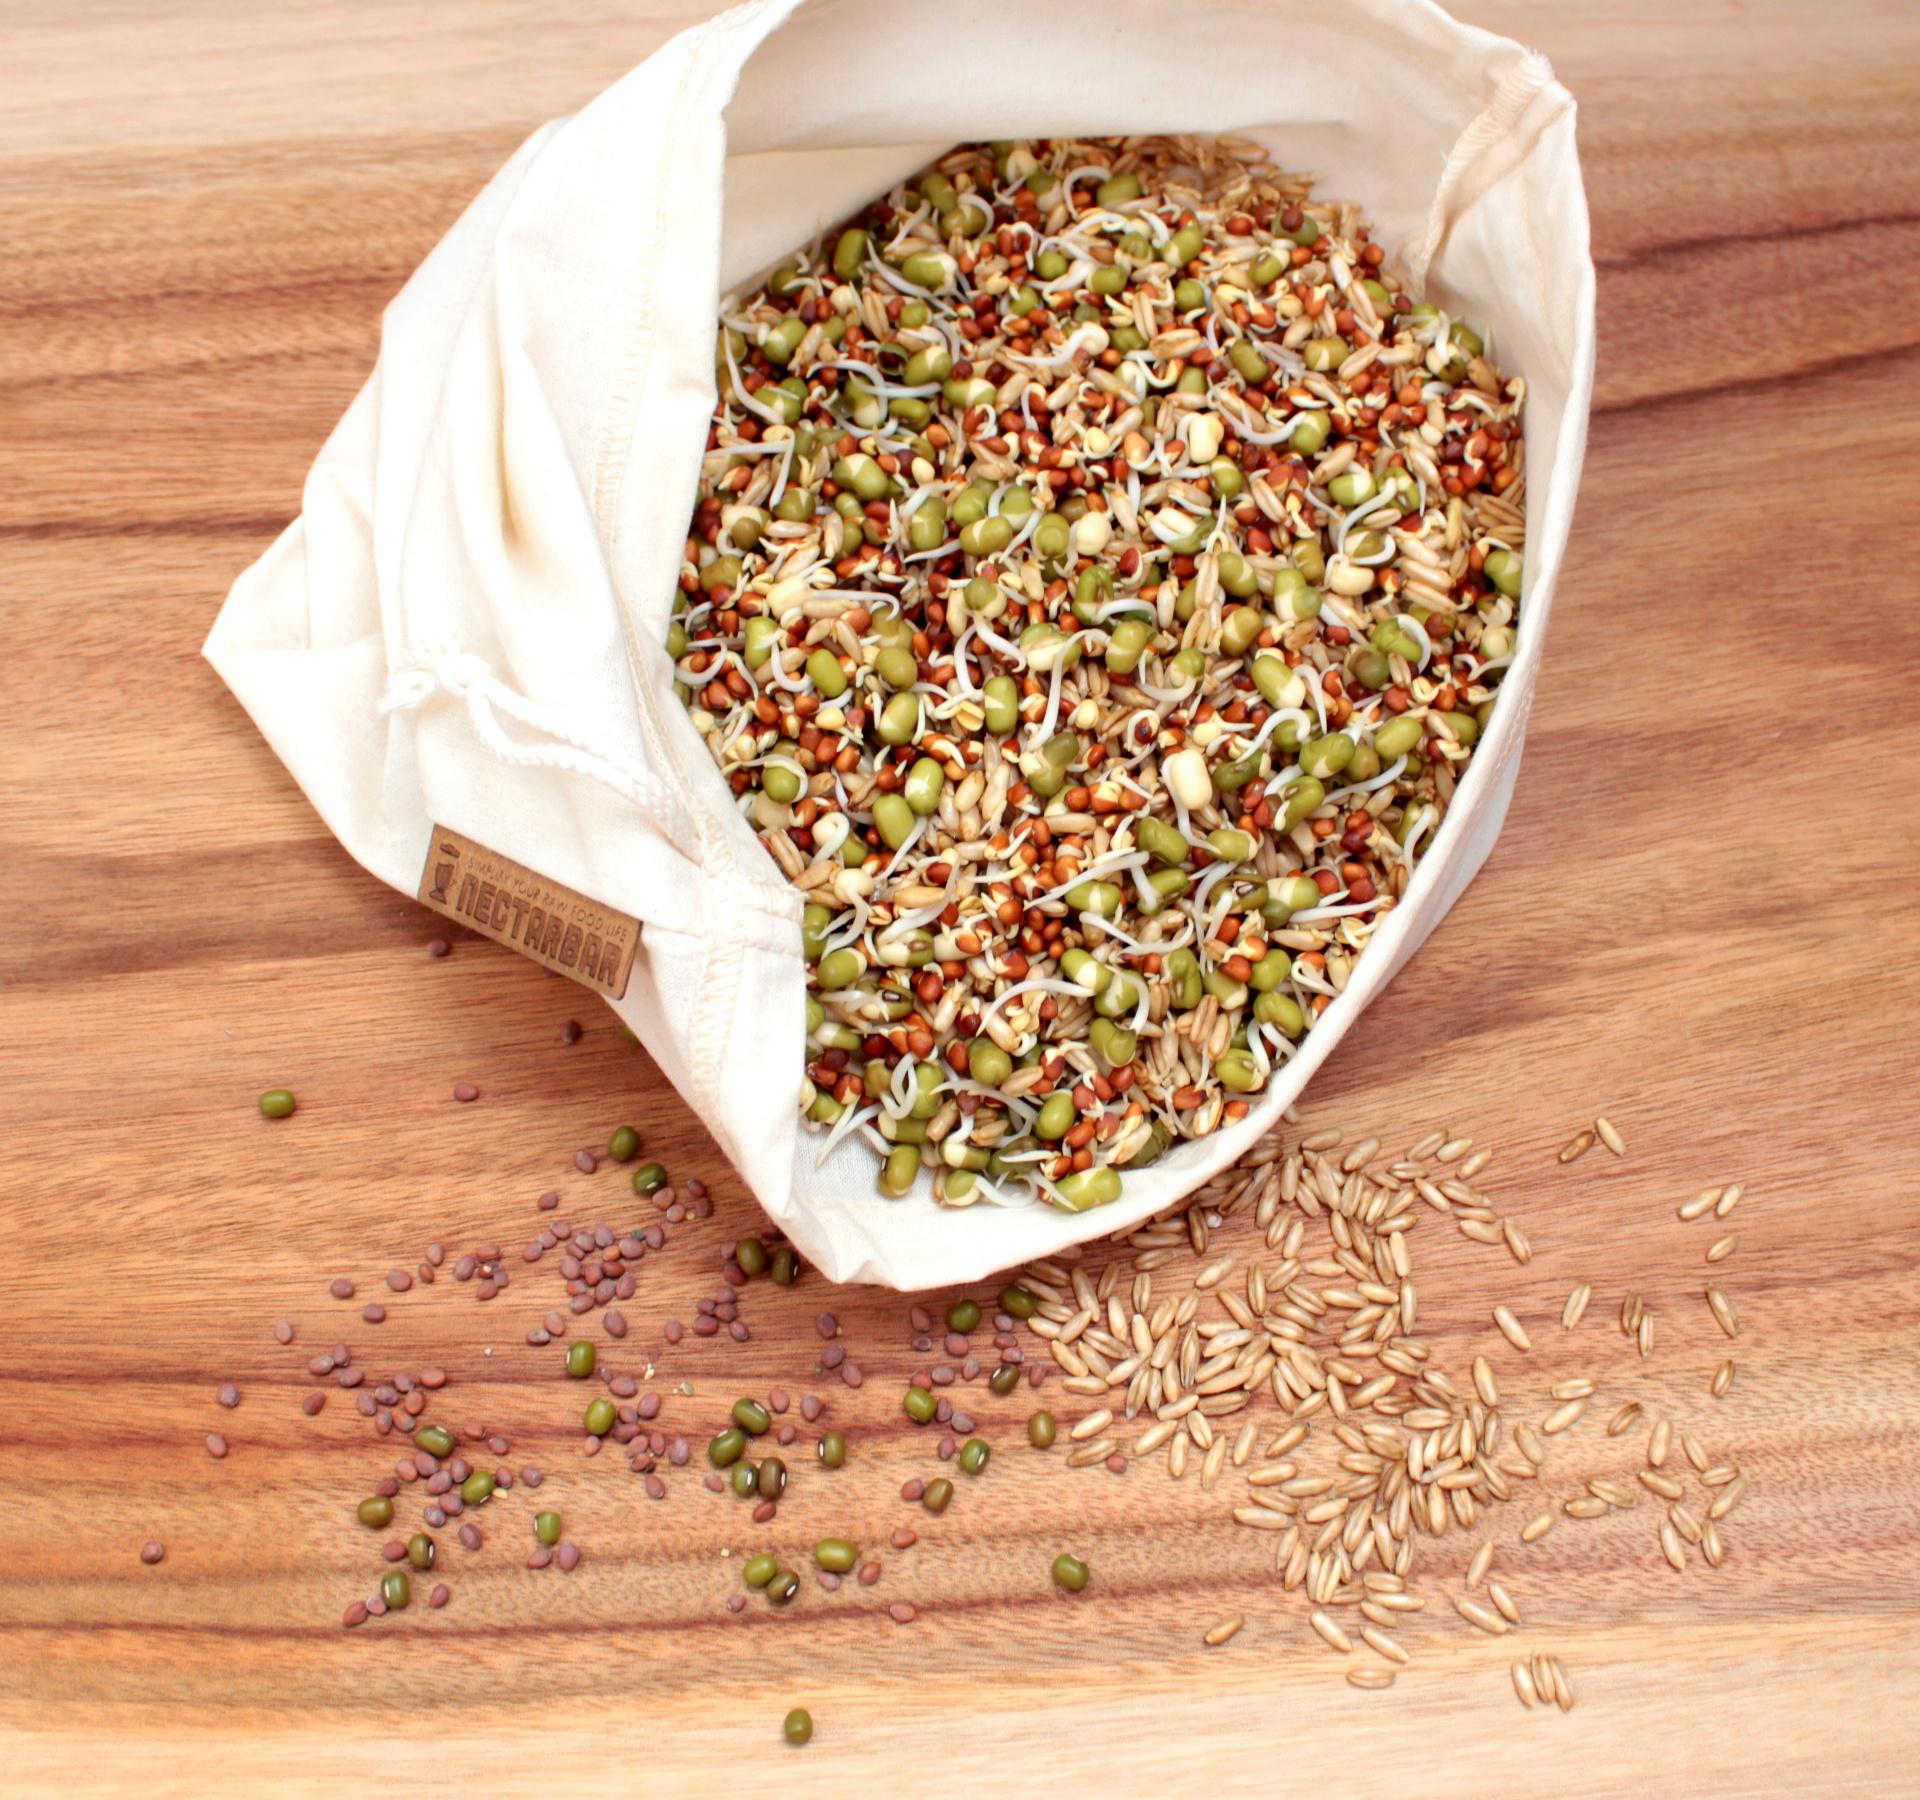 Sprouting Bag Nectarbar